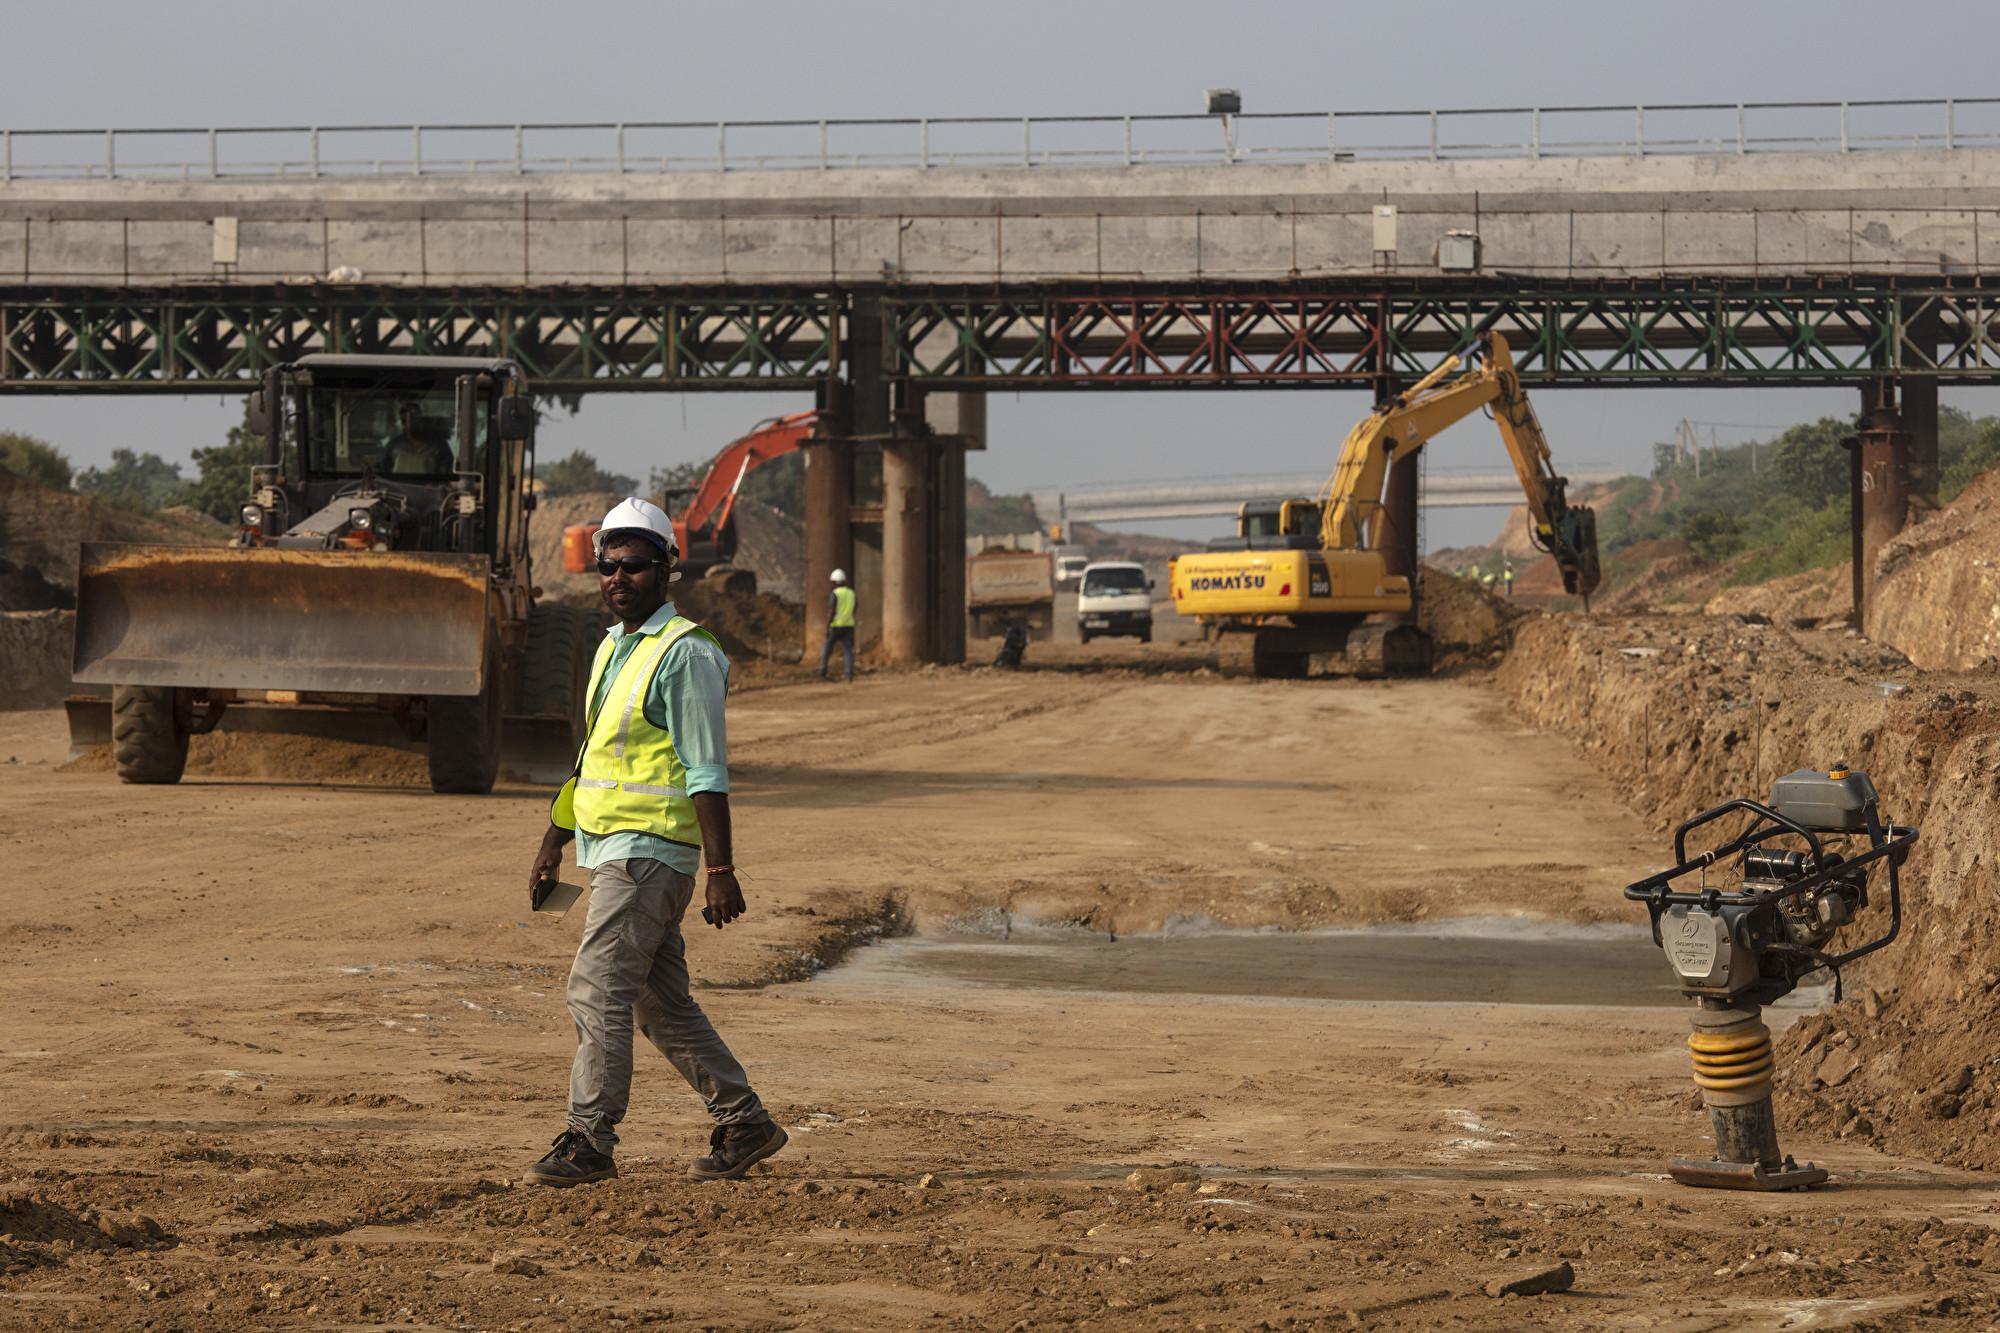 因中共倡議的一帶一路令斯里蘭卡身陷債務危機。圖為正在興建中的南部高速公路,由瑪塔拉延伸至漢班托塔港。(Paula Bronstein/Getty Images)